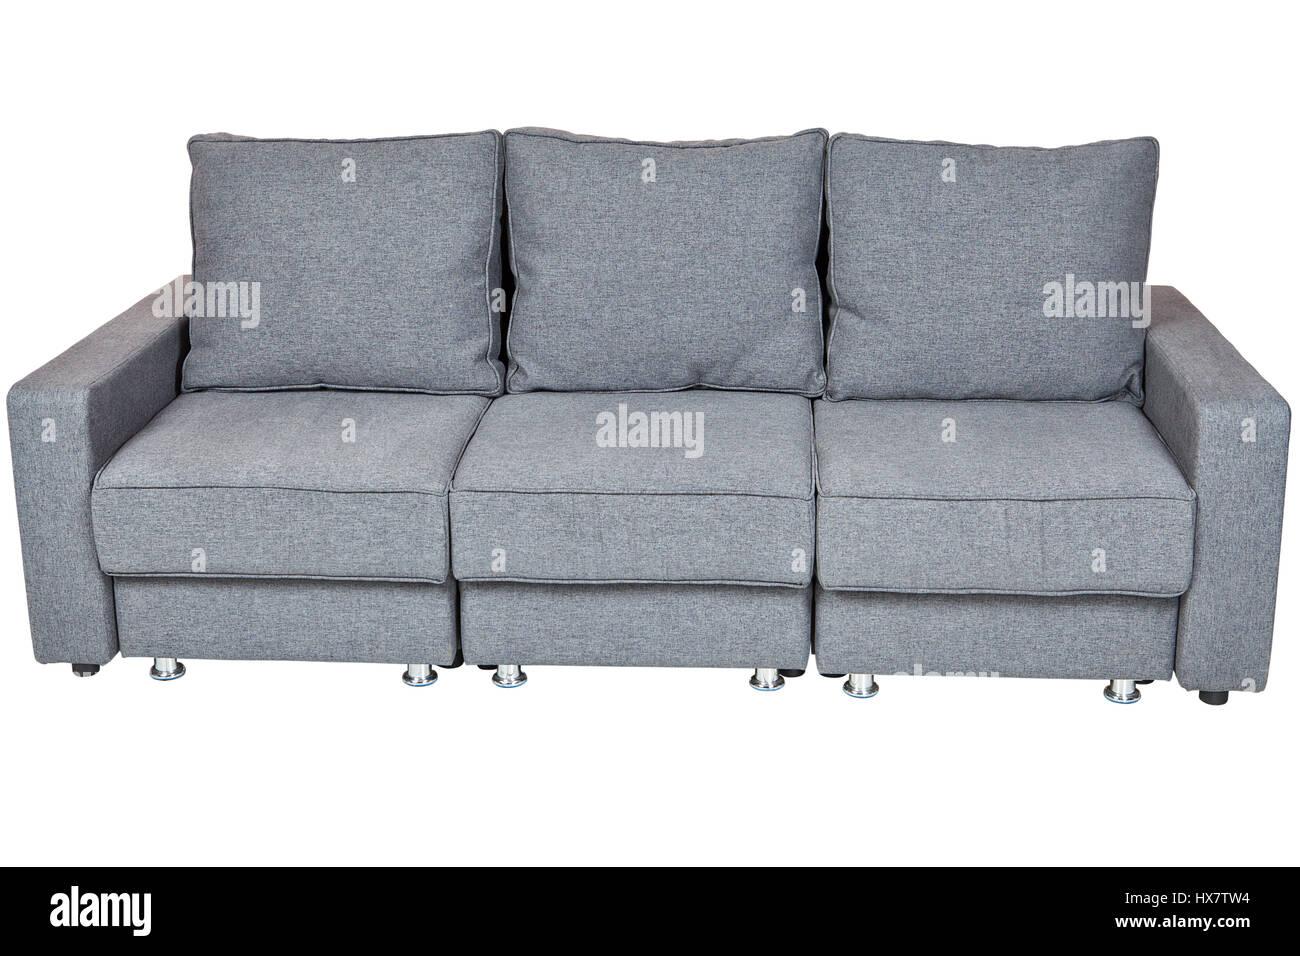 Soggiorno Mobili Scuri : Soggiorno divani mobili tessuto convertibile divano letto futon